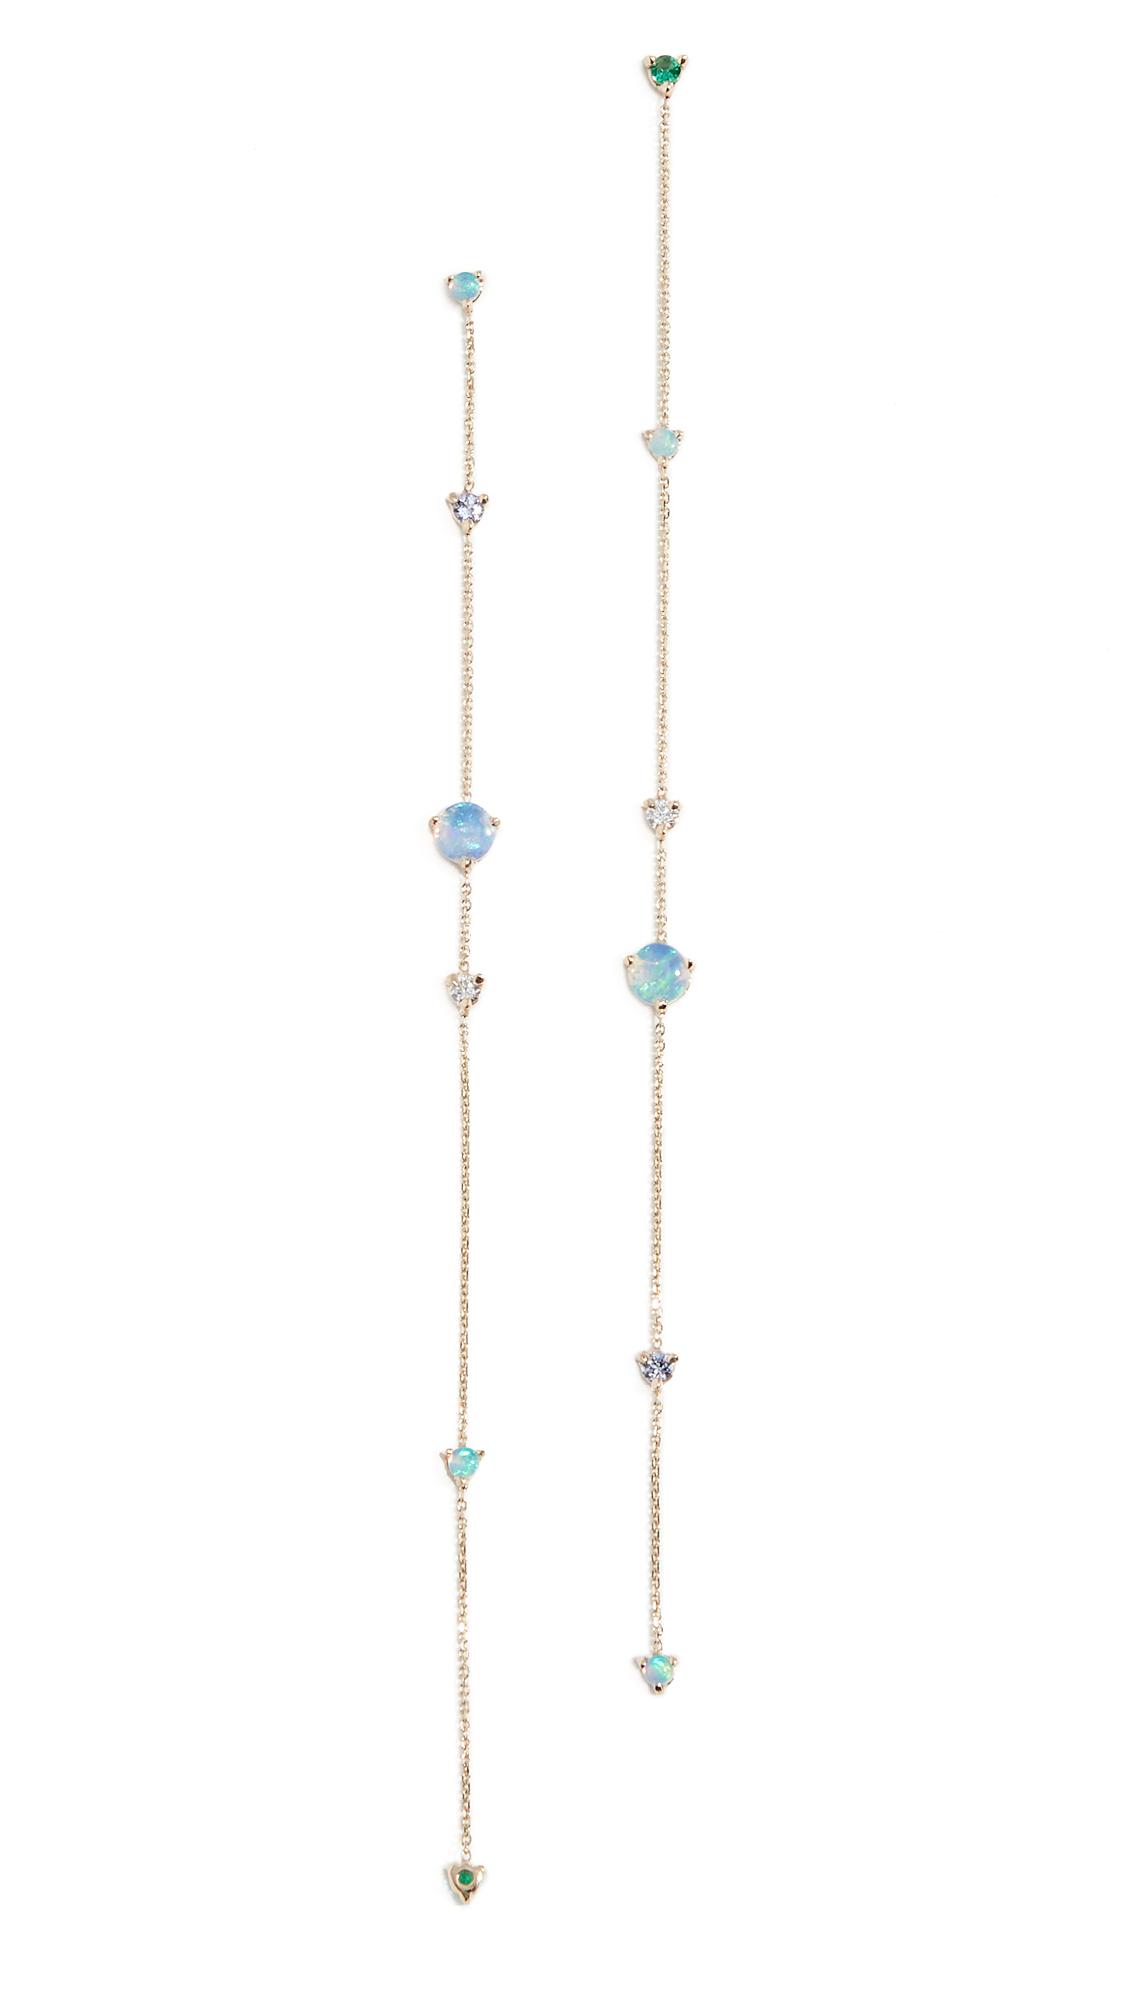 WWAKE 14K Linear Chain Earrings in Opal